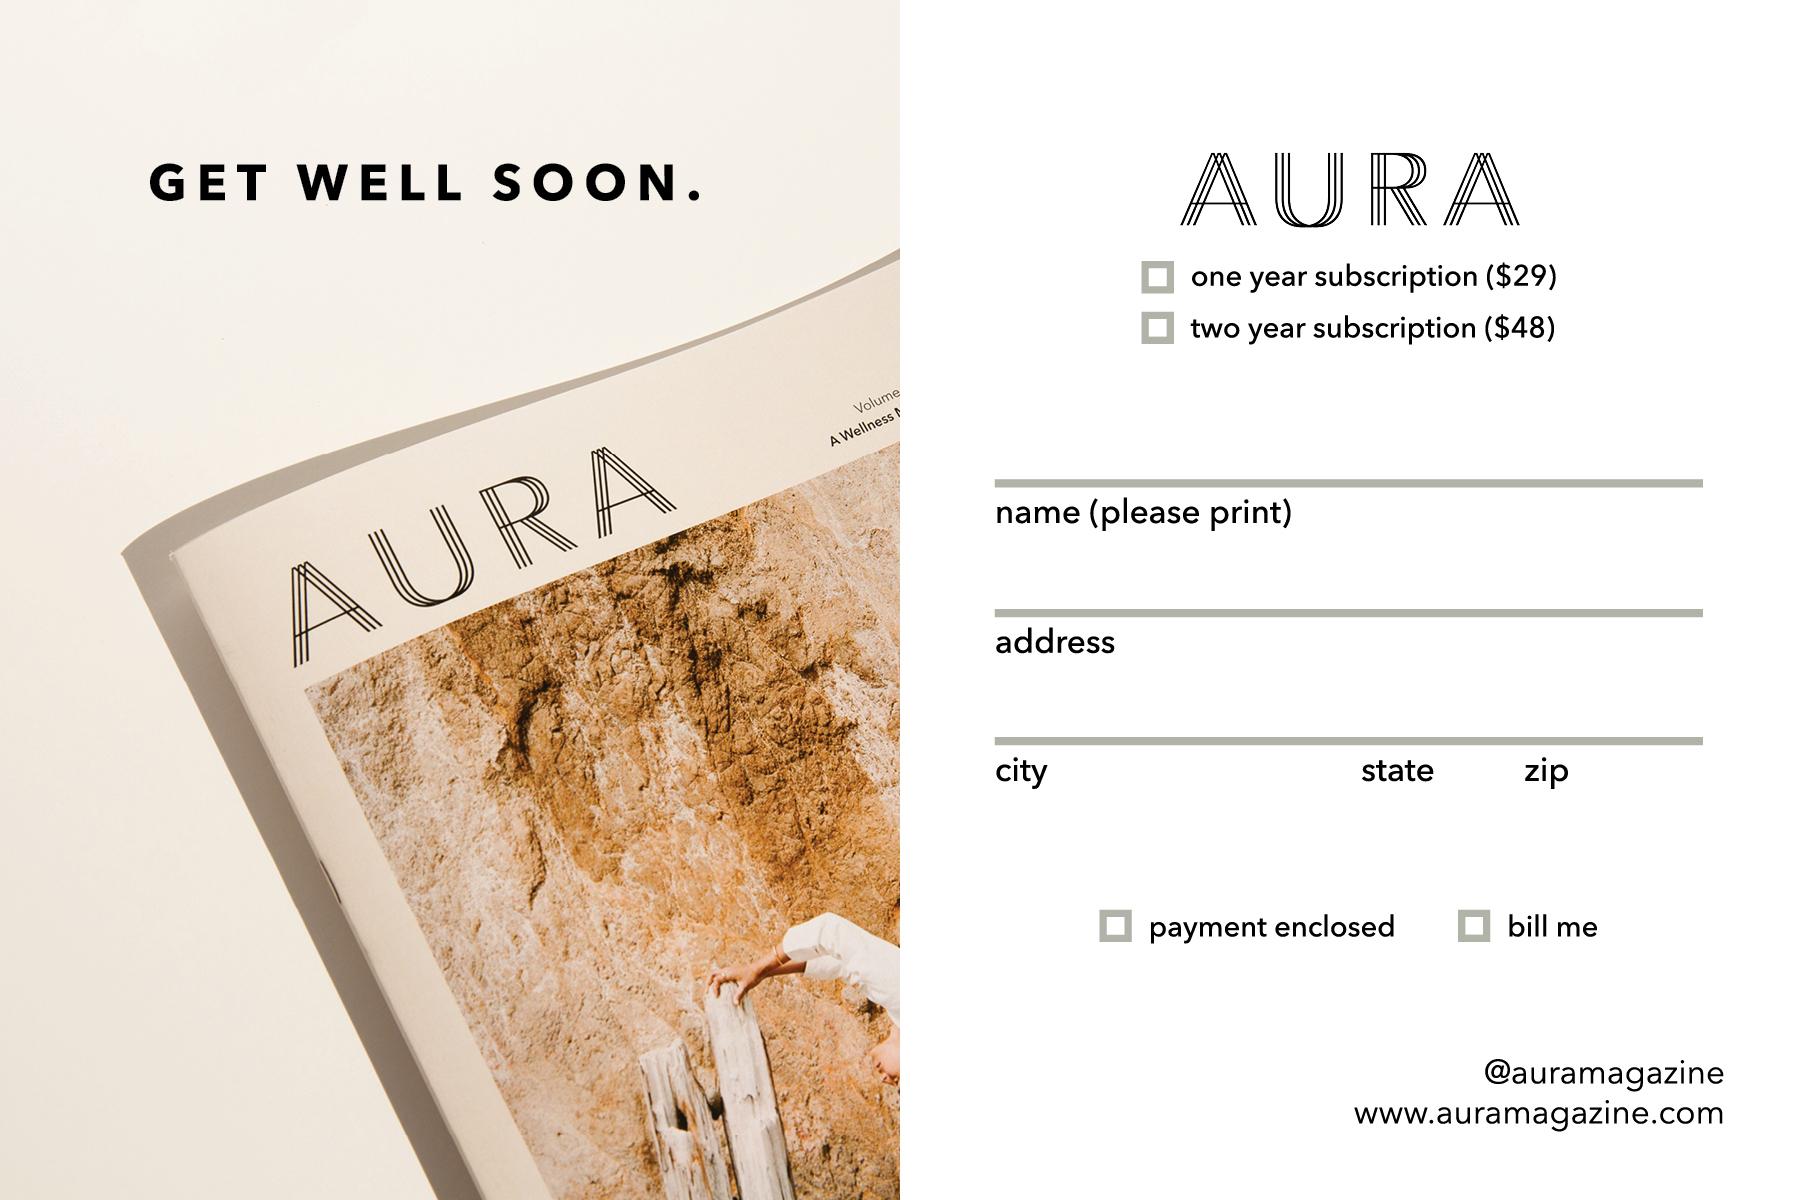 Aura Subscription Card 1.jpg